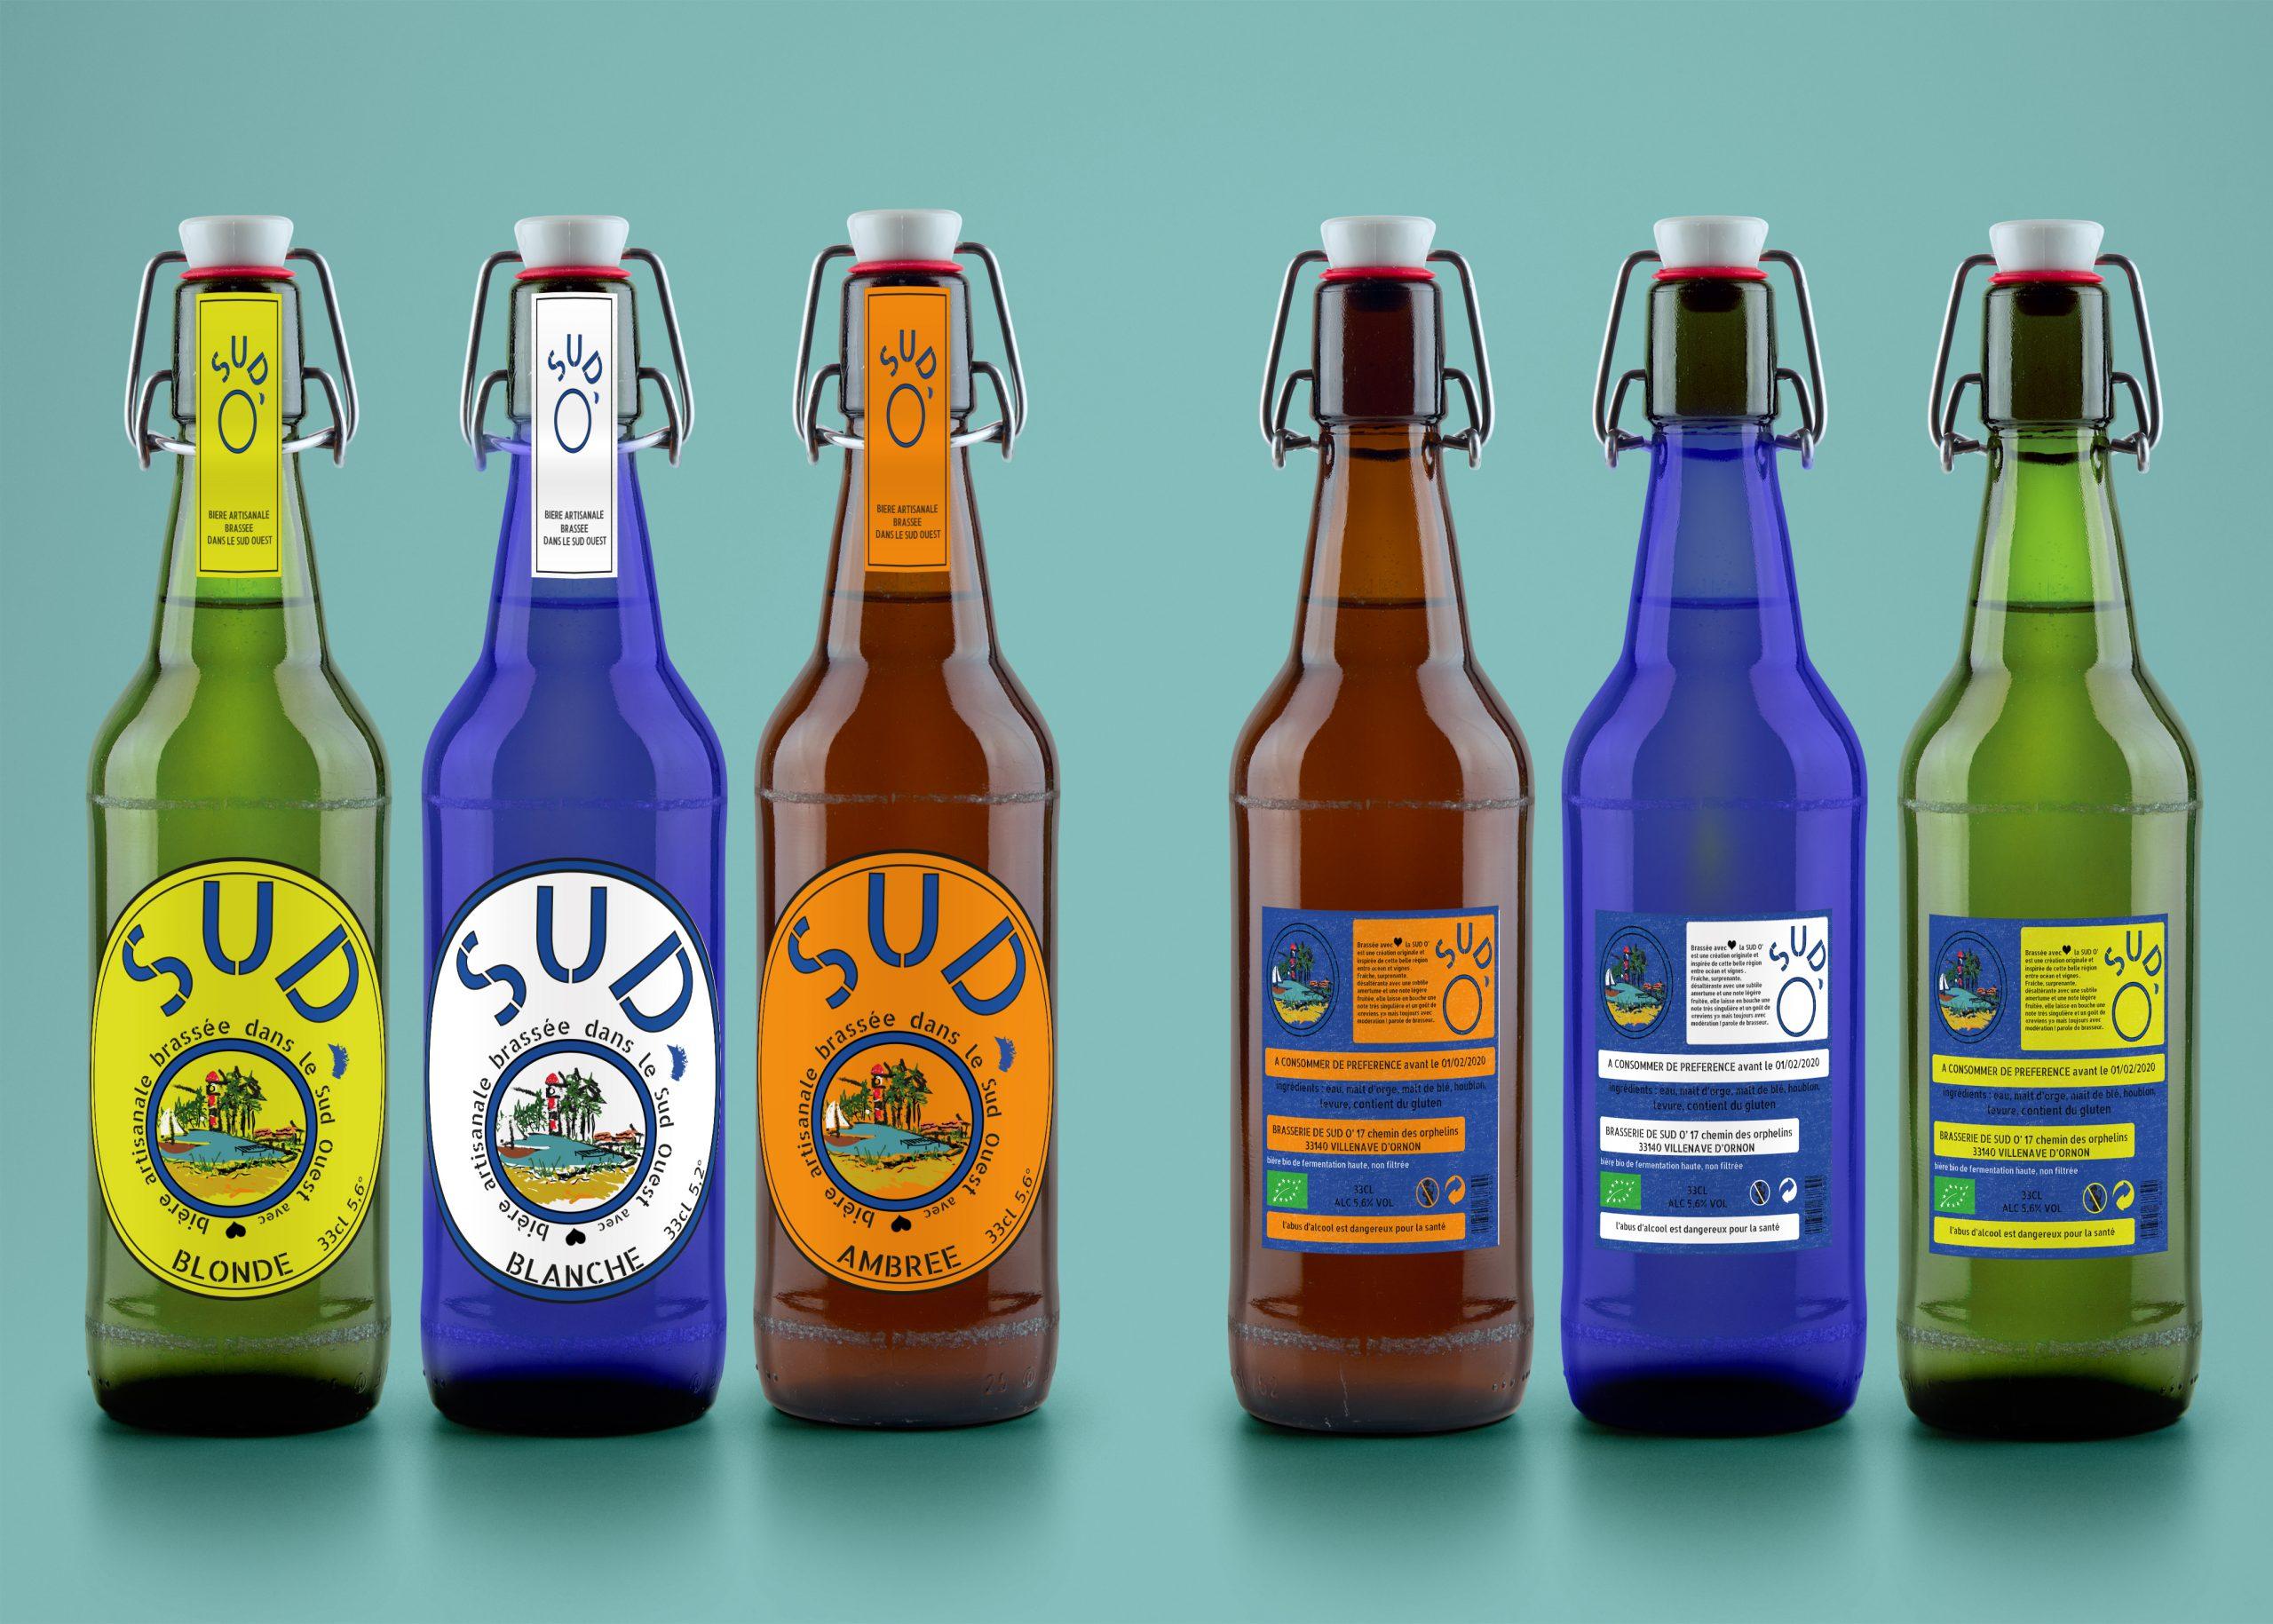 mock up de présentation de la création d'étiquette de bières blonde blanche et ambrée sud o'